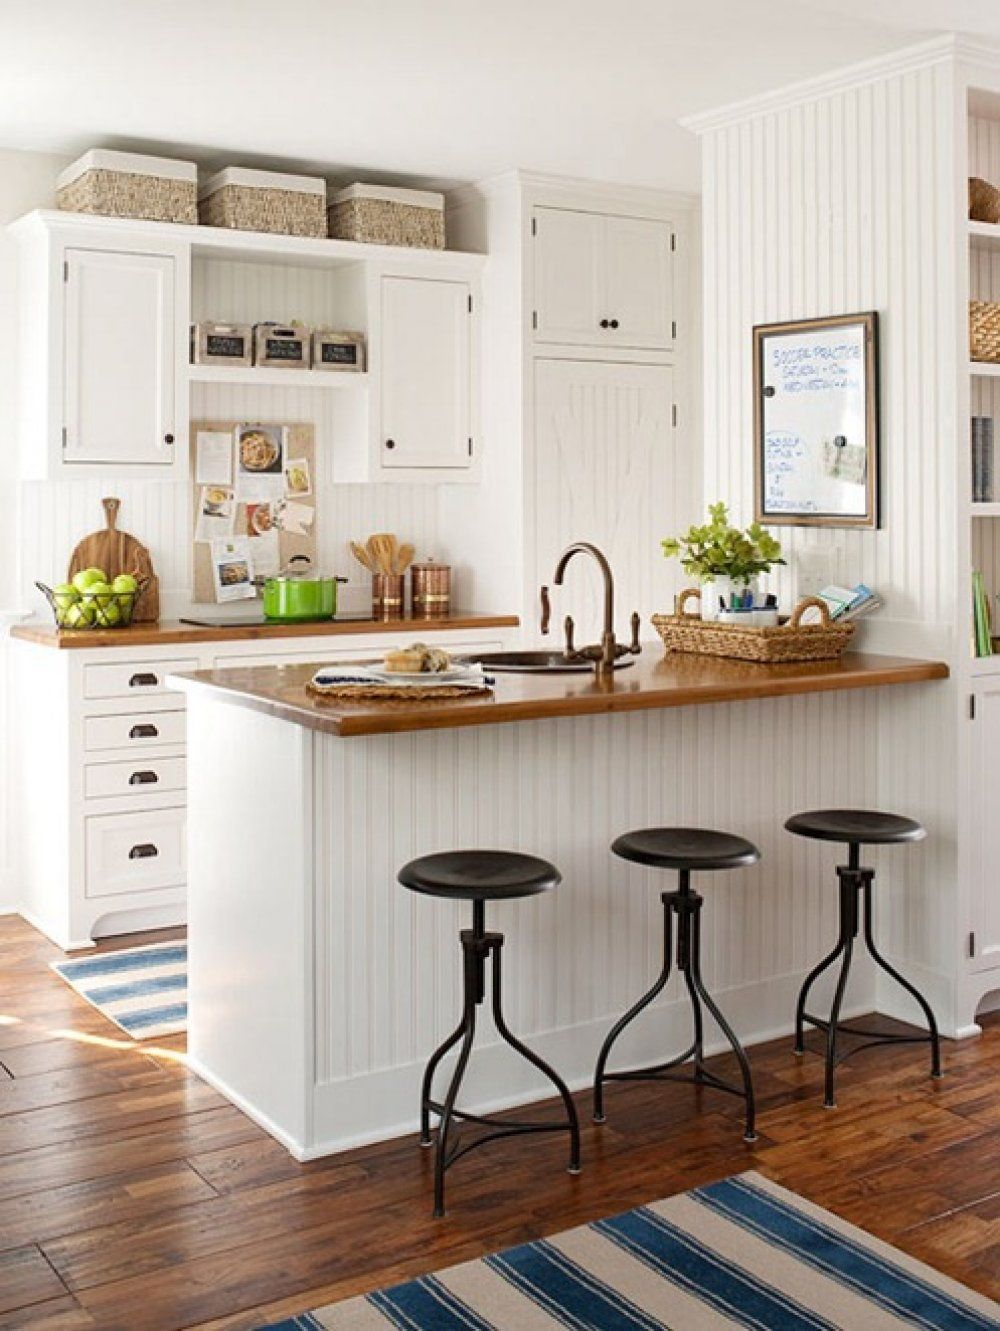 Ideen für küchenideen sehr kleine küche design  sehr kleine küchedesign u möblierung der